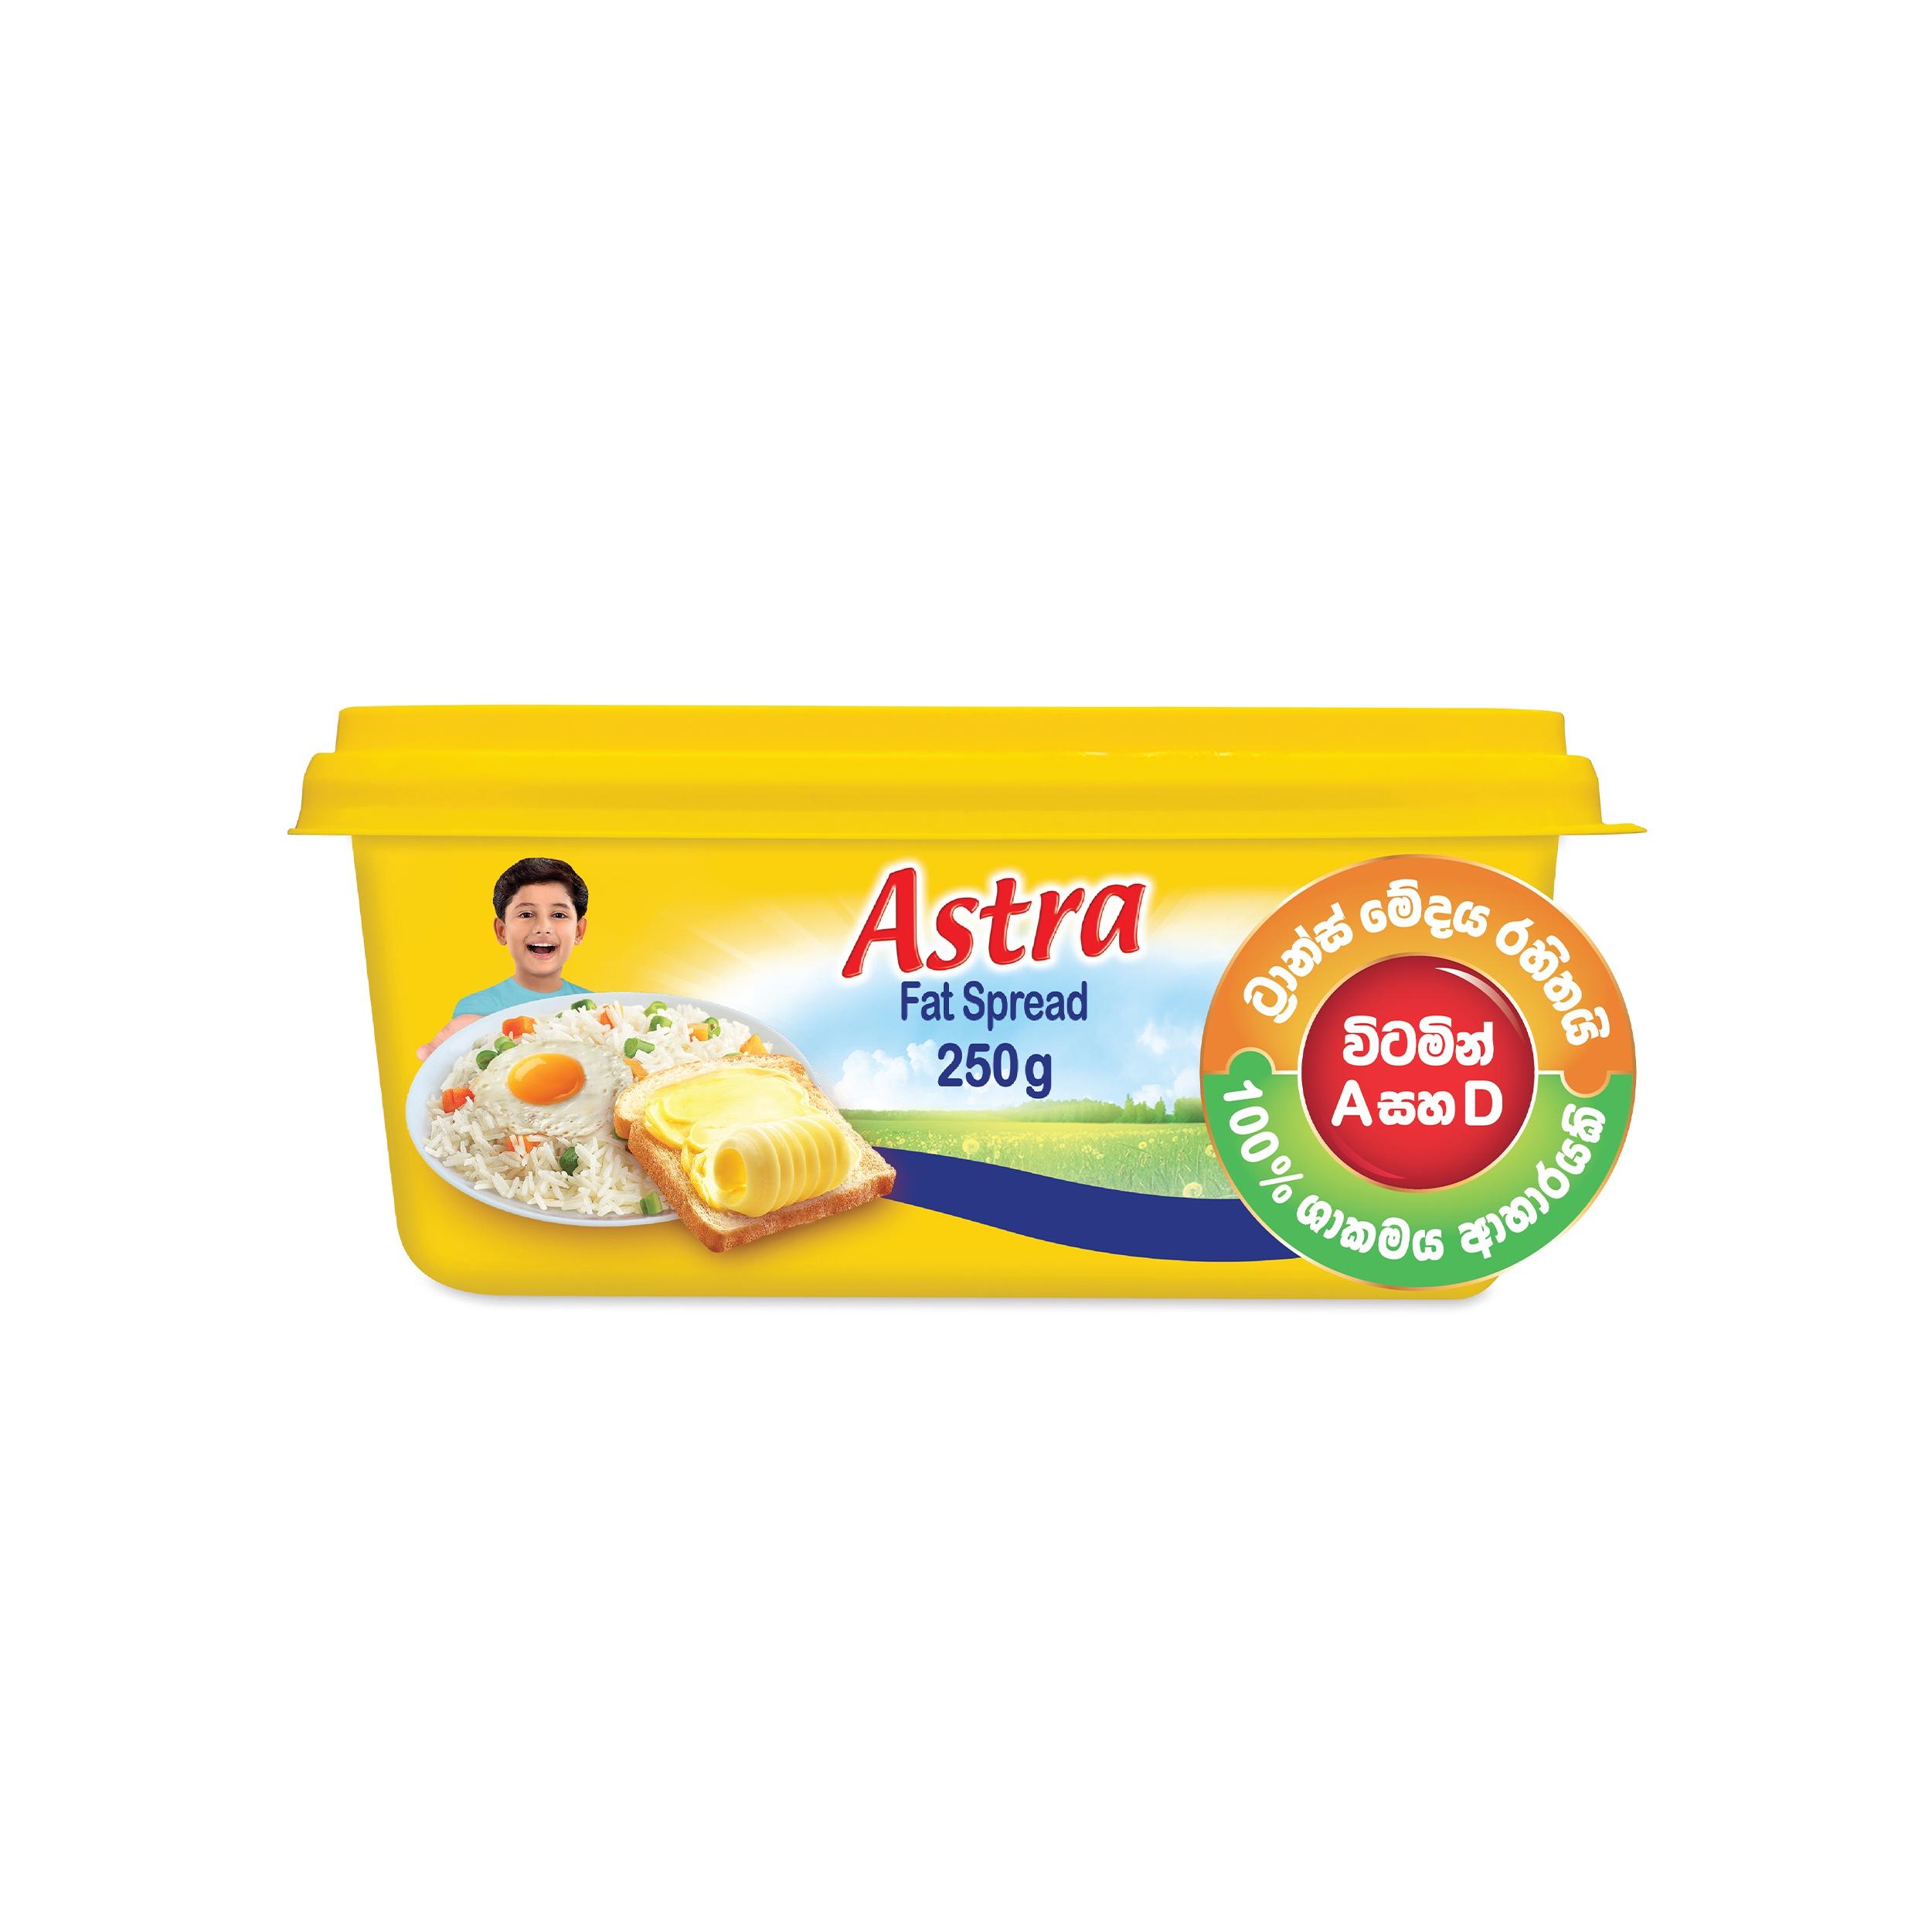 Astra  Multi-Purpose Fat Spread  250g - in Sri Lanka